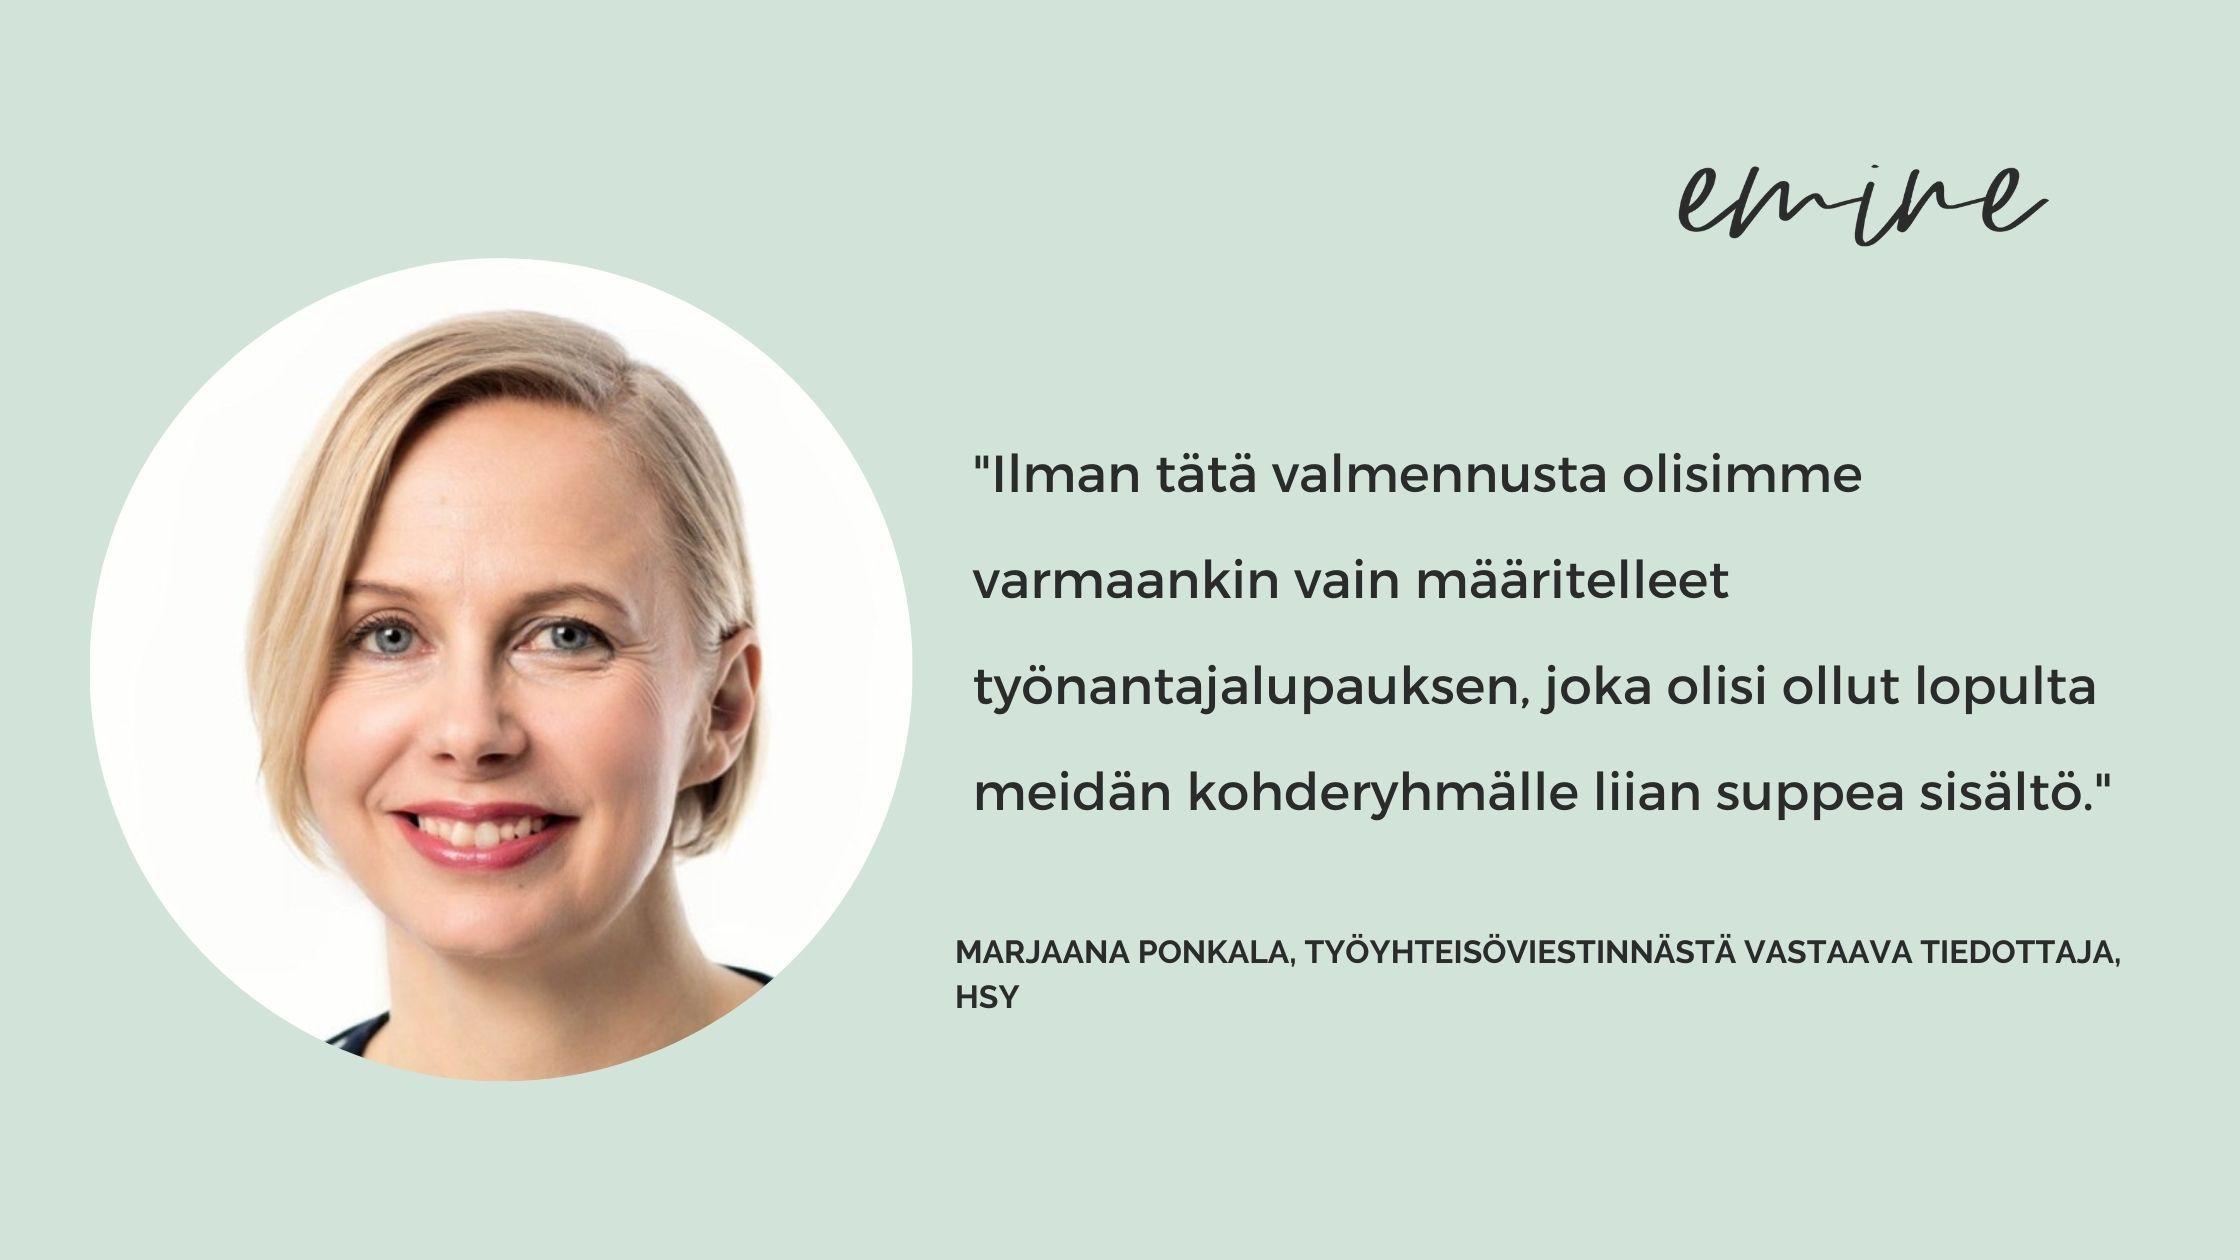 HSY ryhtyi kehittämään työnantajakuvaa Eminen Vaikuttava Työnantajabrändi -konseptilla